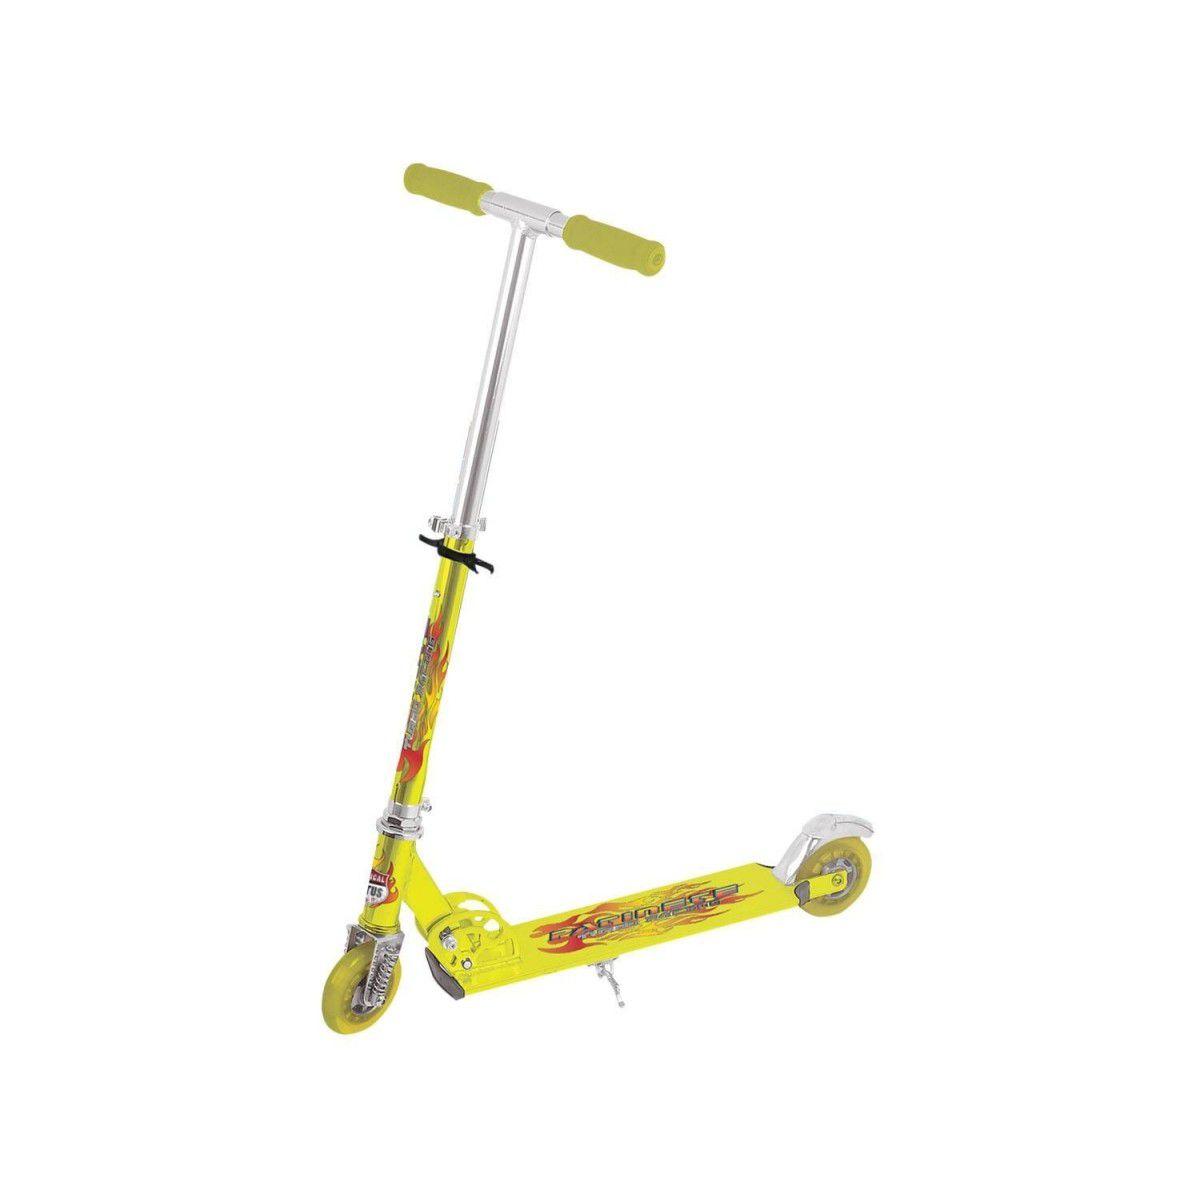 Kit Patinete Em Alumínio Amarelo Com Amortecedor Freio E Kit Proteção Capacete E Joelheira - TR-1016 + CP02